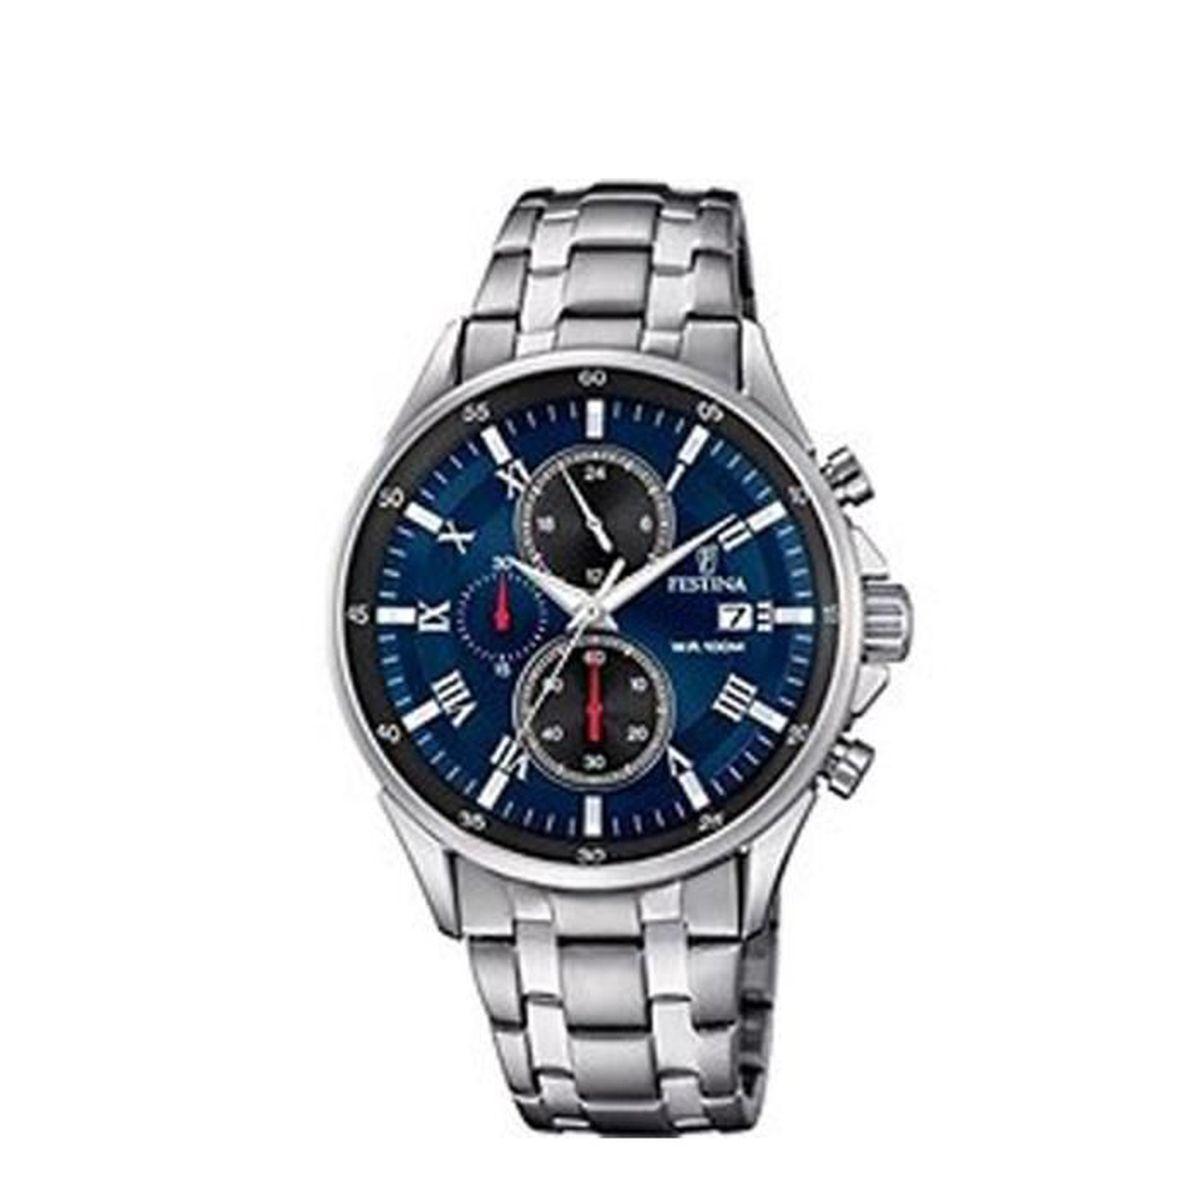 montre chronographe pour homme en acier argent festina f6853 2 4 5 cm achat vente montre. Black Bedroom Furniture Sets. Home Design Ideas